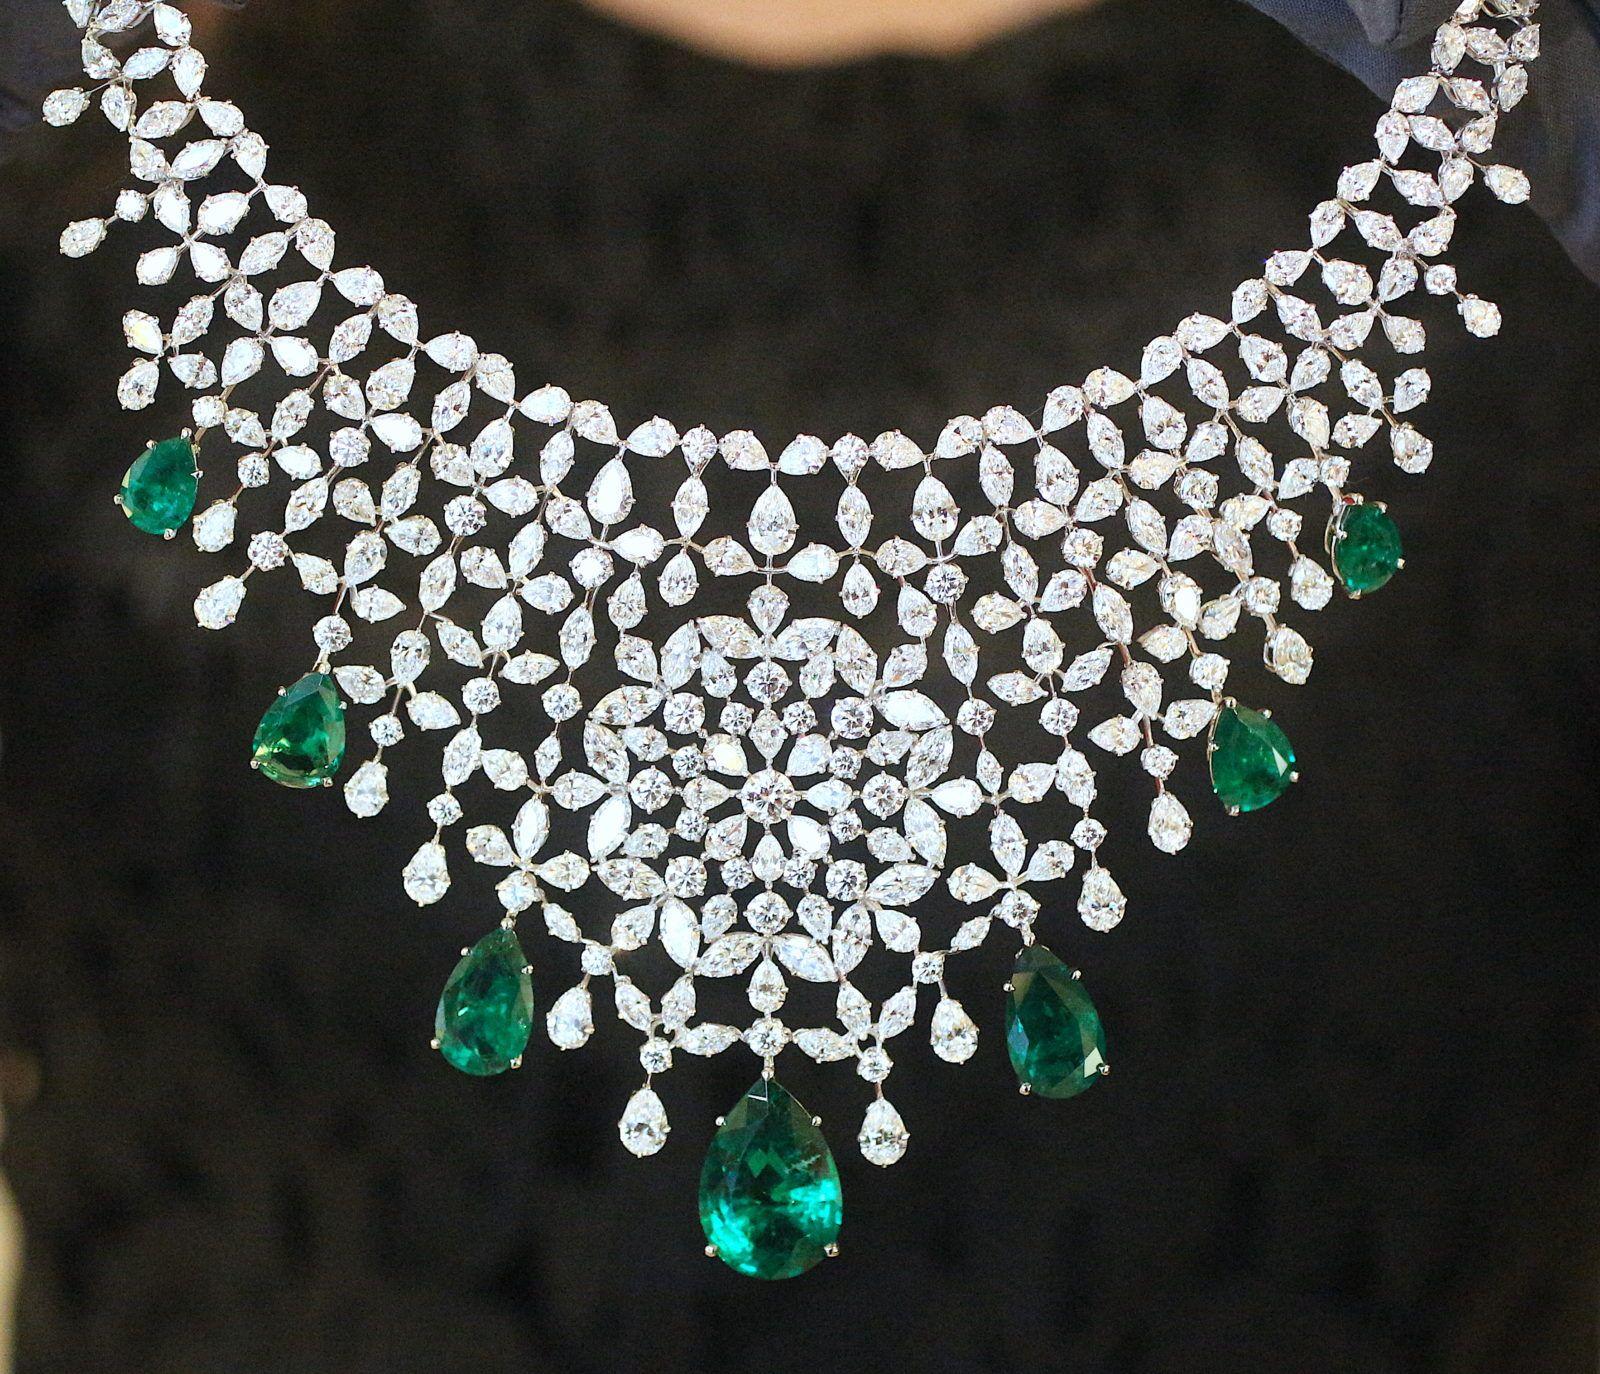 magasiner pour le luxe styles classiques apparence élégante Collier collection Precious chopard en diamants emeraudes de ...